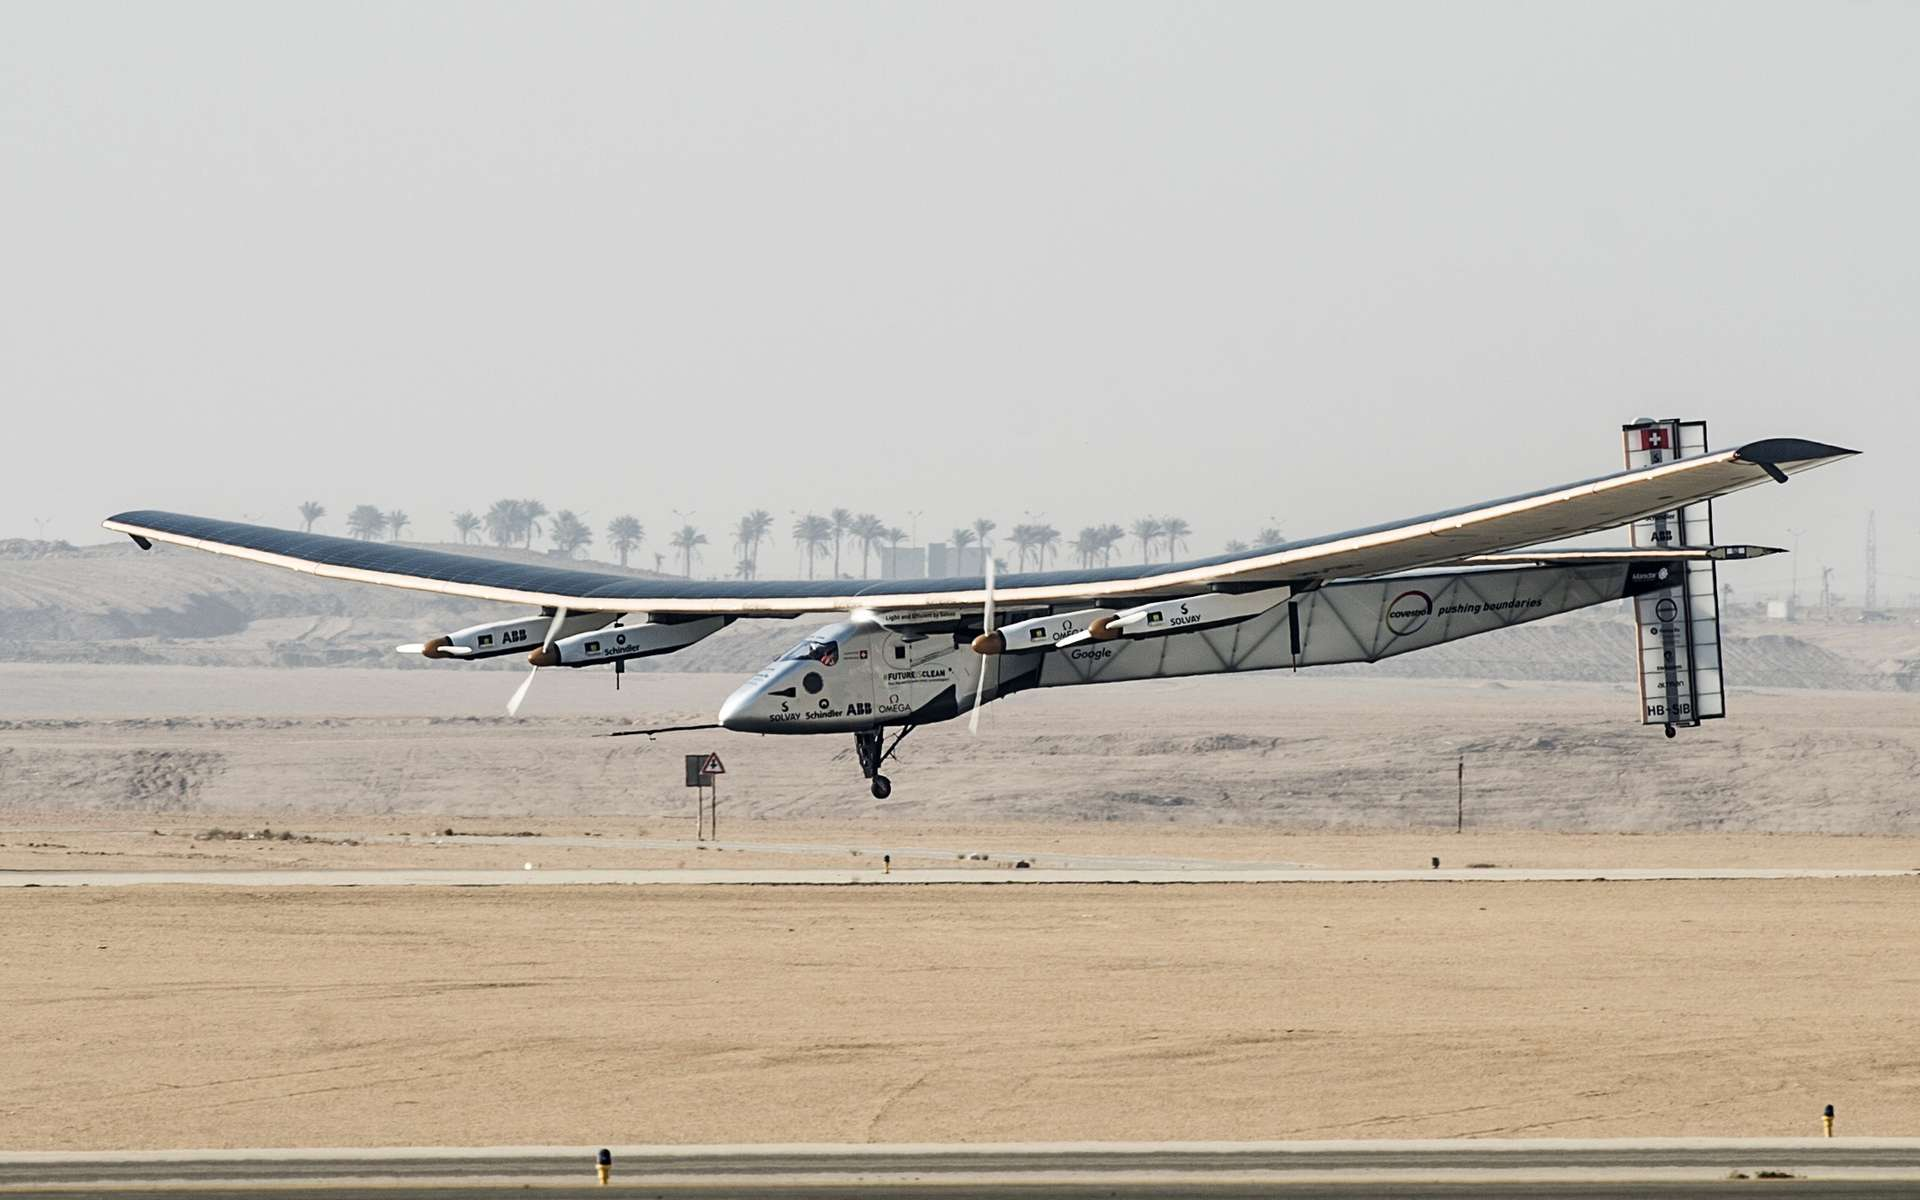 Solar Impulse : l'avion solaire qui a réussi un tour du monde à la seule énergie photovoltaïque. L'exploit, aéronautique et humain, montre que l'énergie solaire peut être utilisée là où on ne l'attendait pas. © AFP Photo, Khaled Desouki